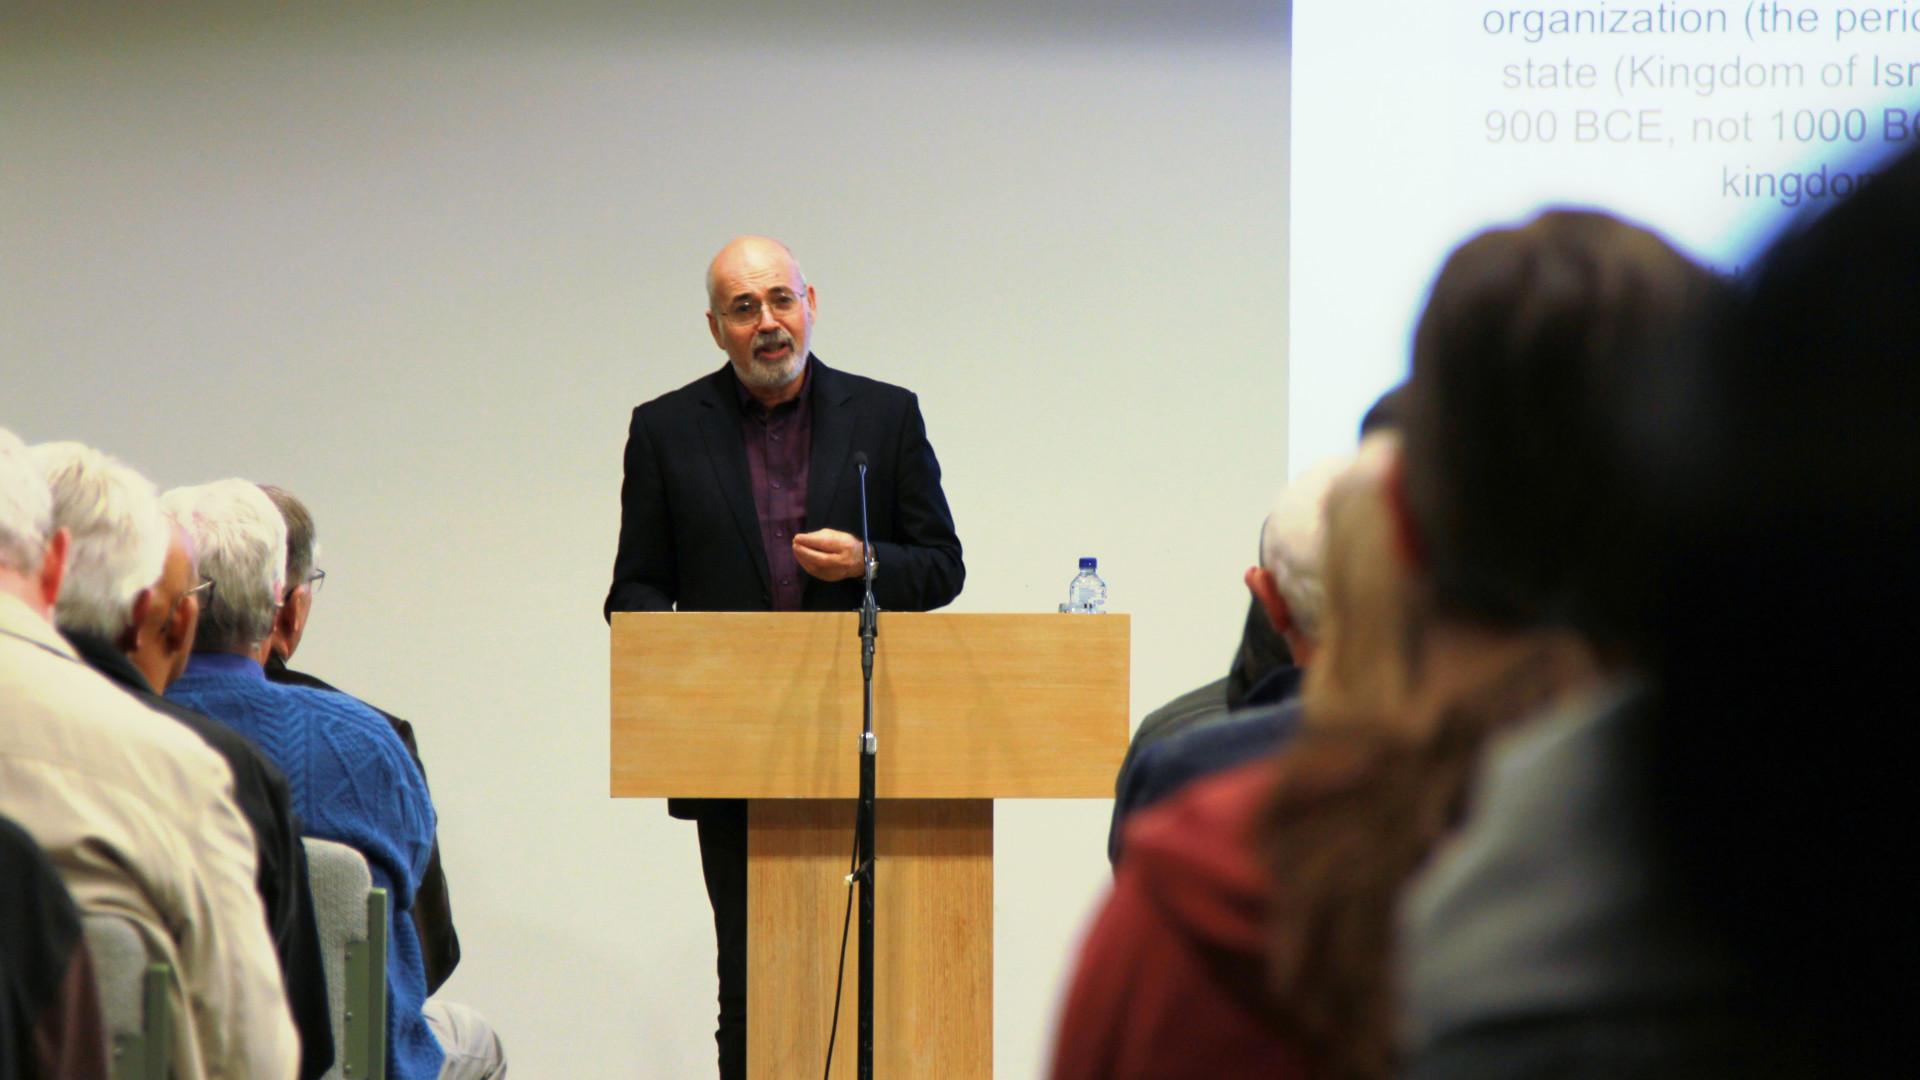 Yosef Garkinkel speaking to an audience